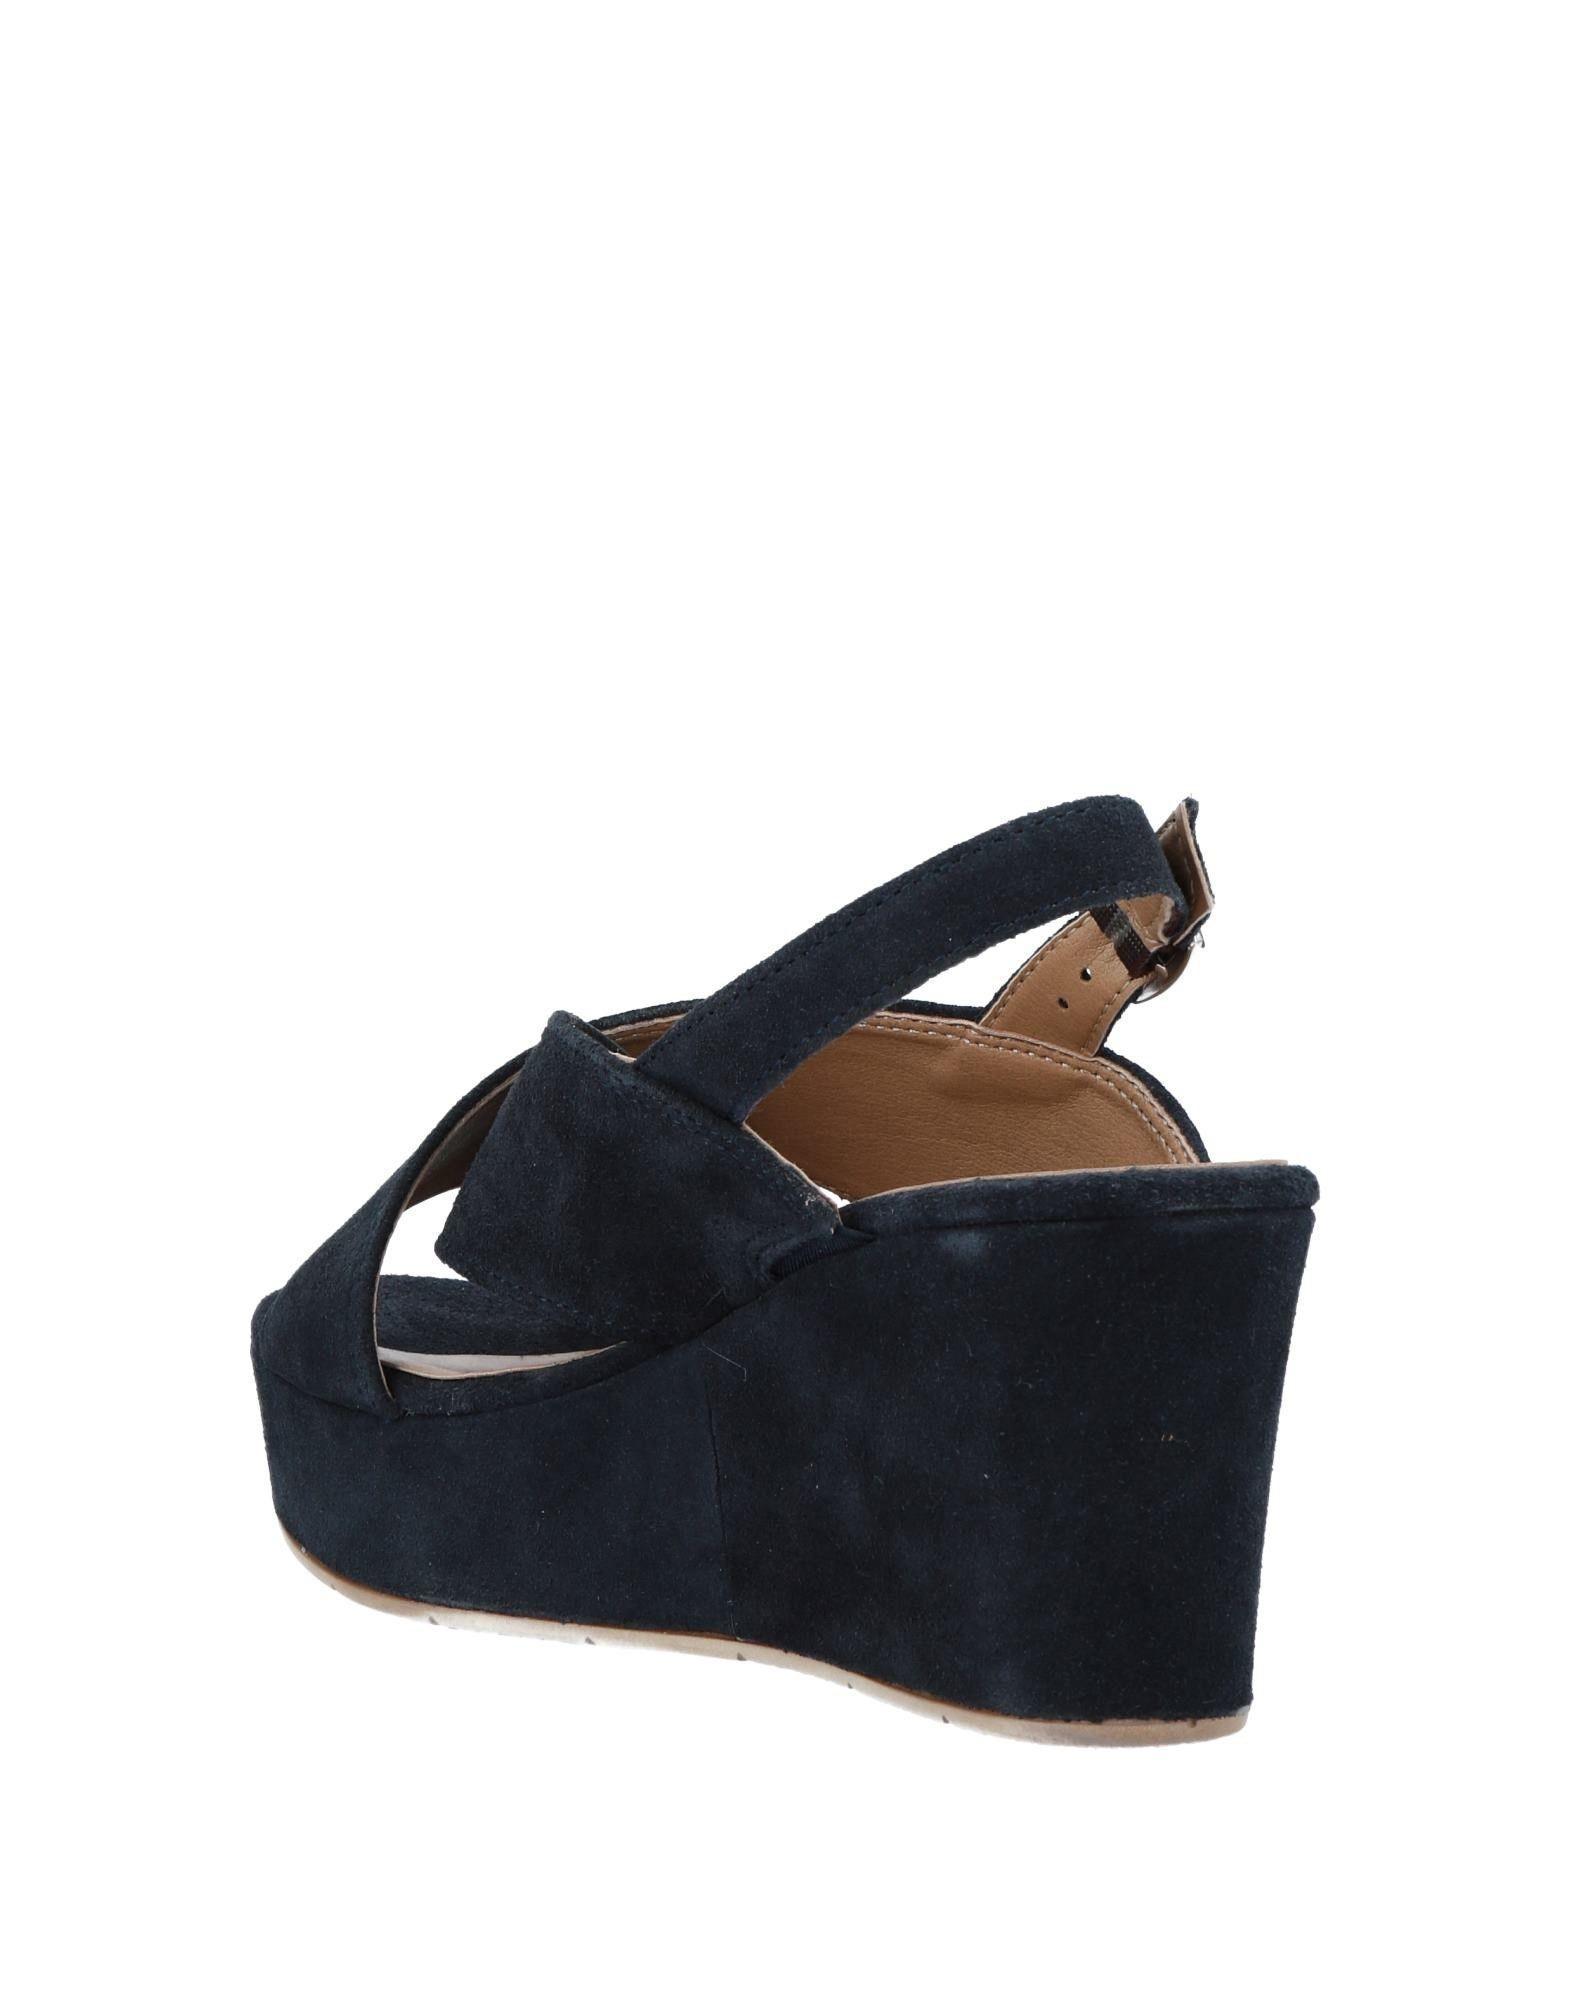 Lyst Lyst Tamaris In Sandals Tamaris In Sandals Blue n0vNOm8w